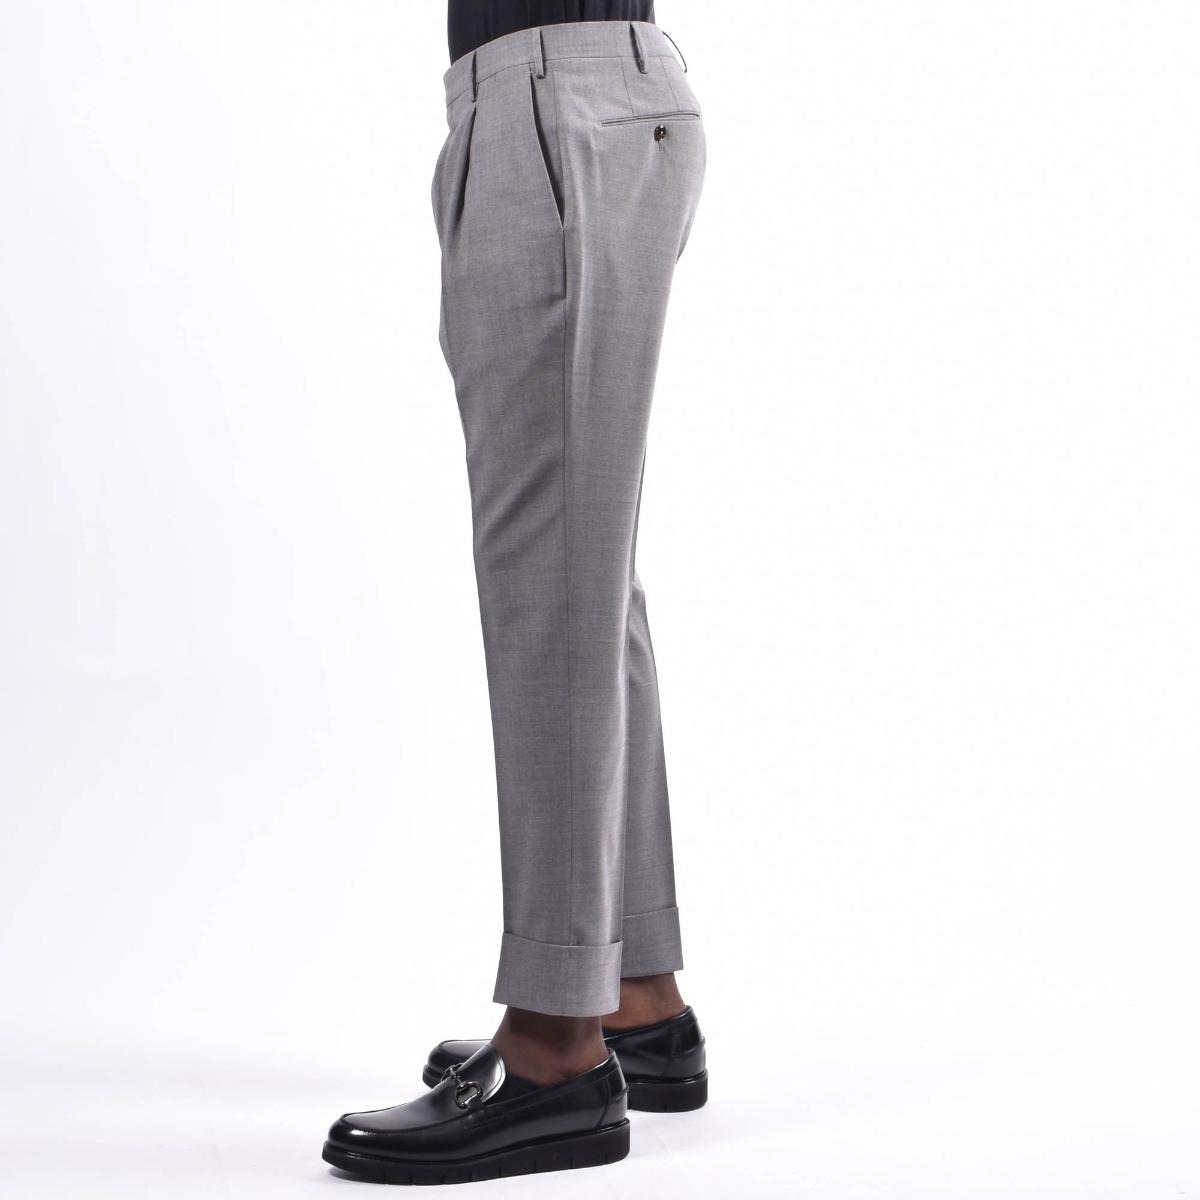 Pantalone pences pt - Grigio